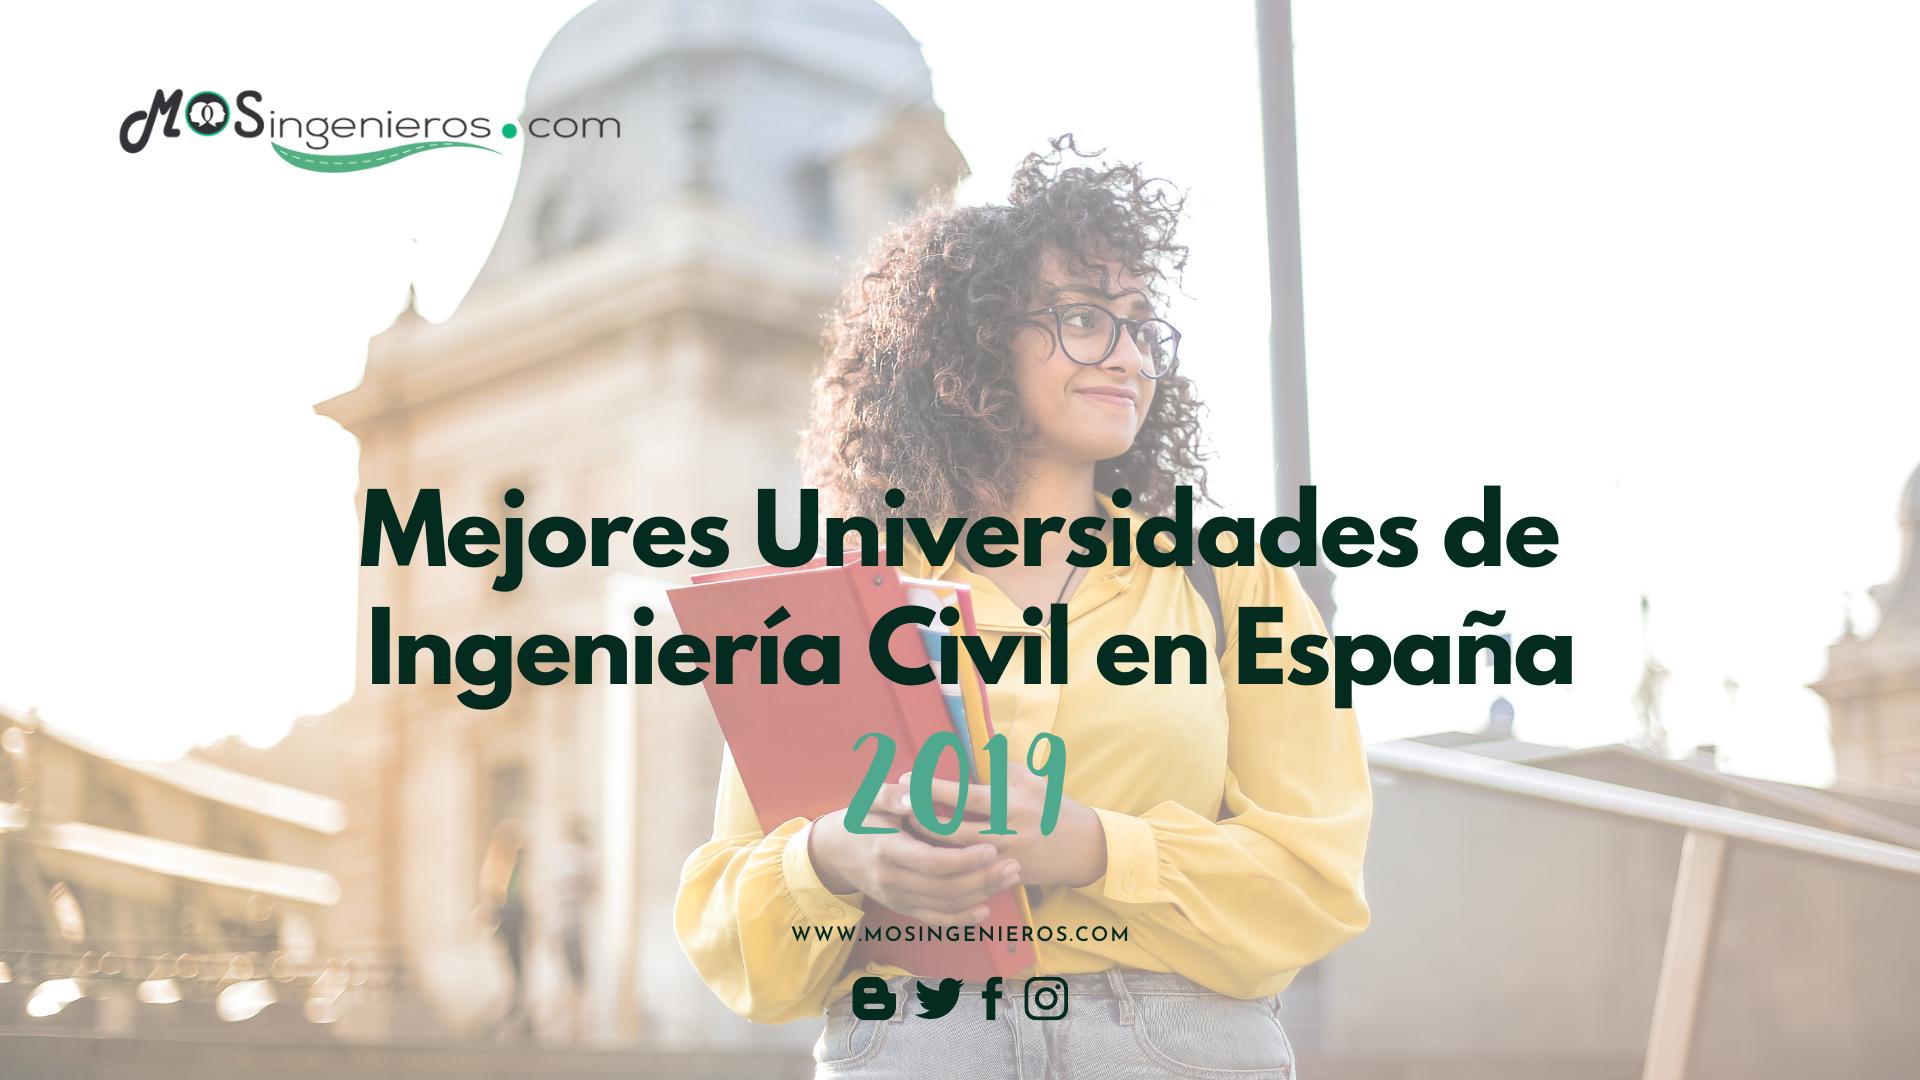 mejores universidades de ingenieria civil